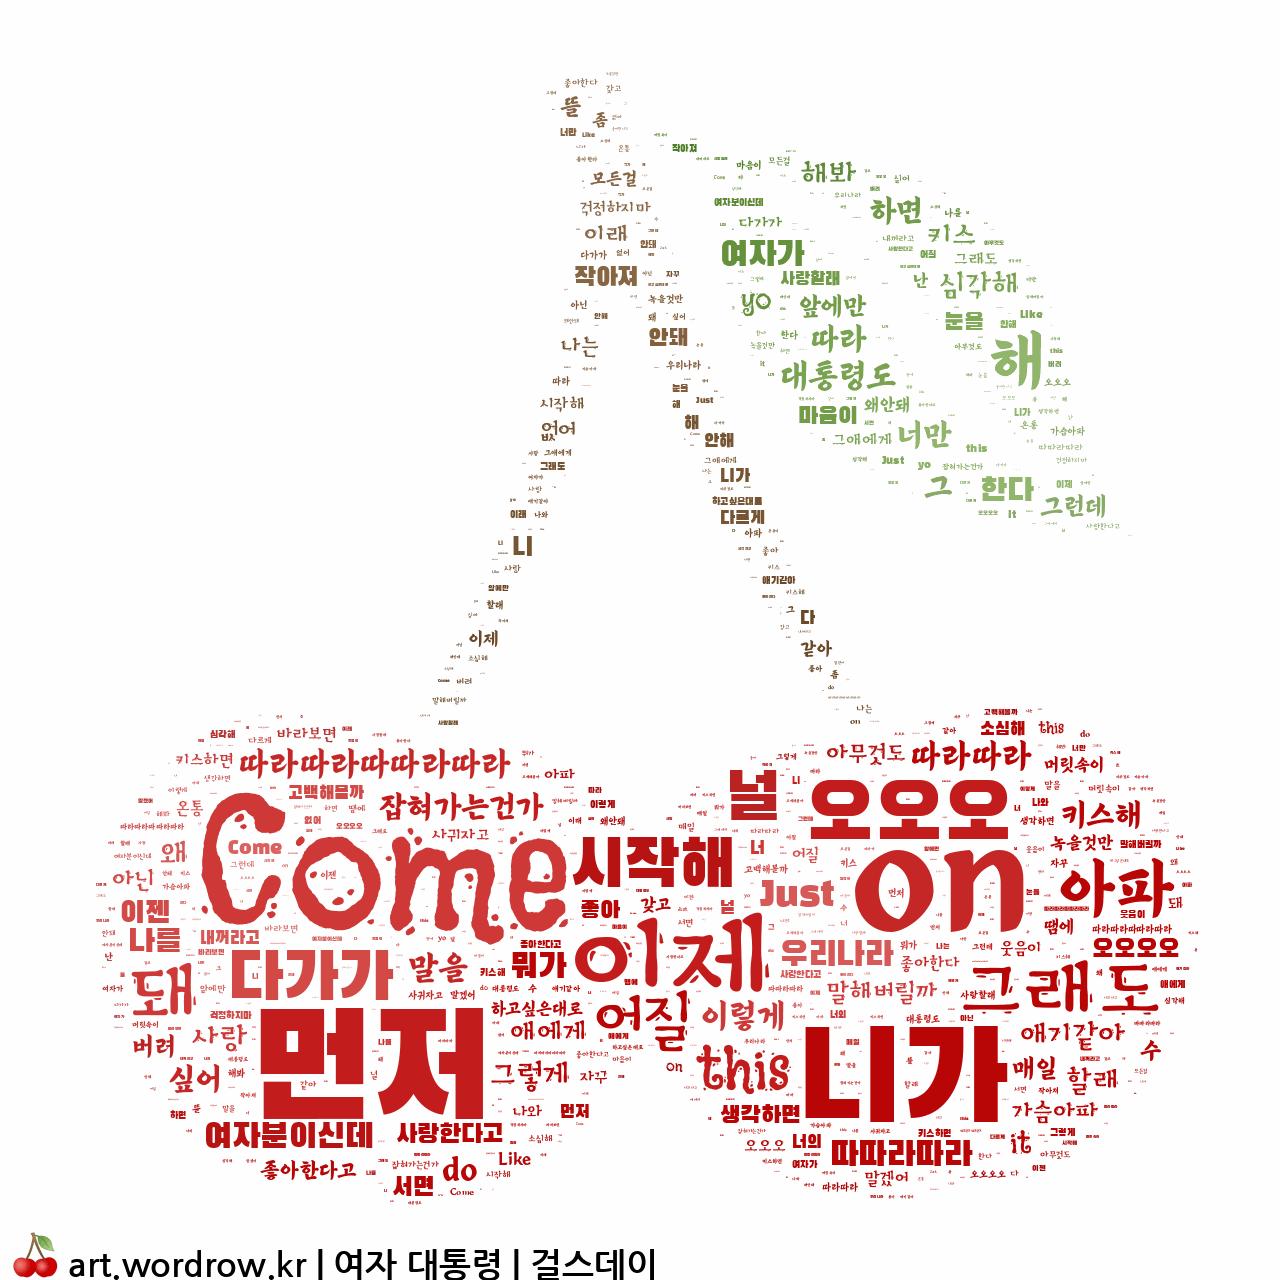 워드 클라우드: 여자 대통령 [걸스데이]-22